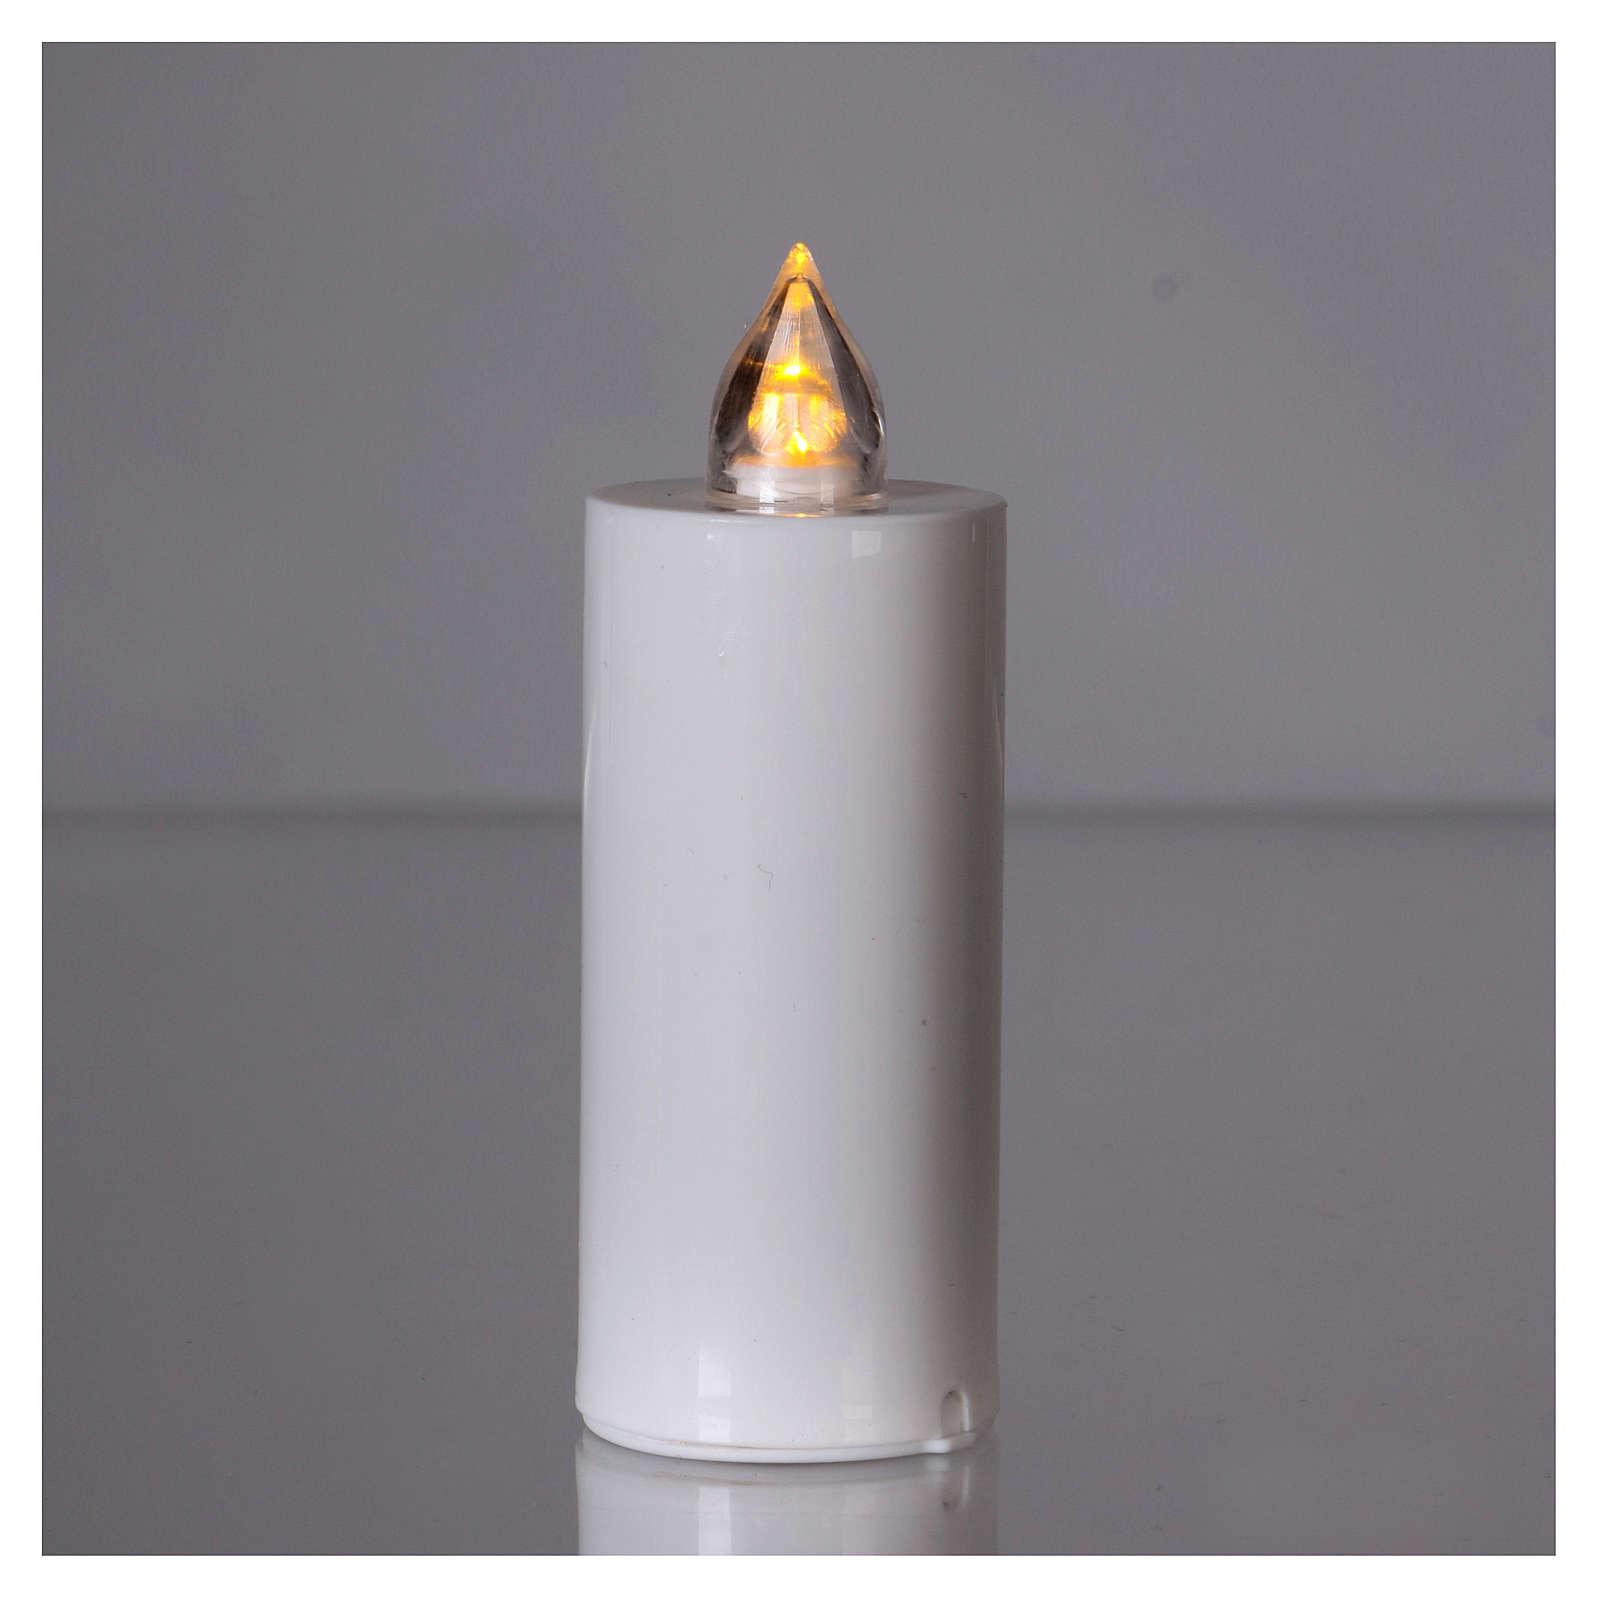 Candela Lumada bianca con luce gialla fiamma reale 3